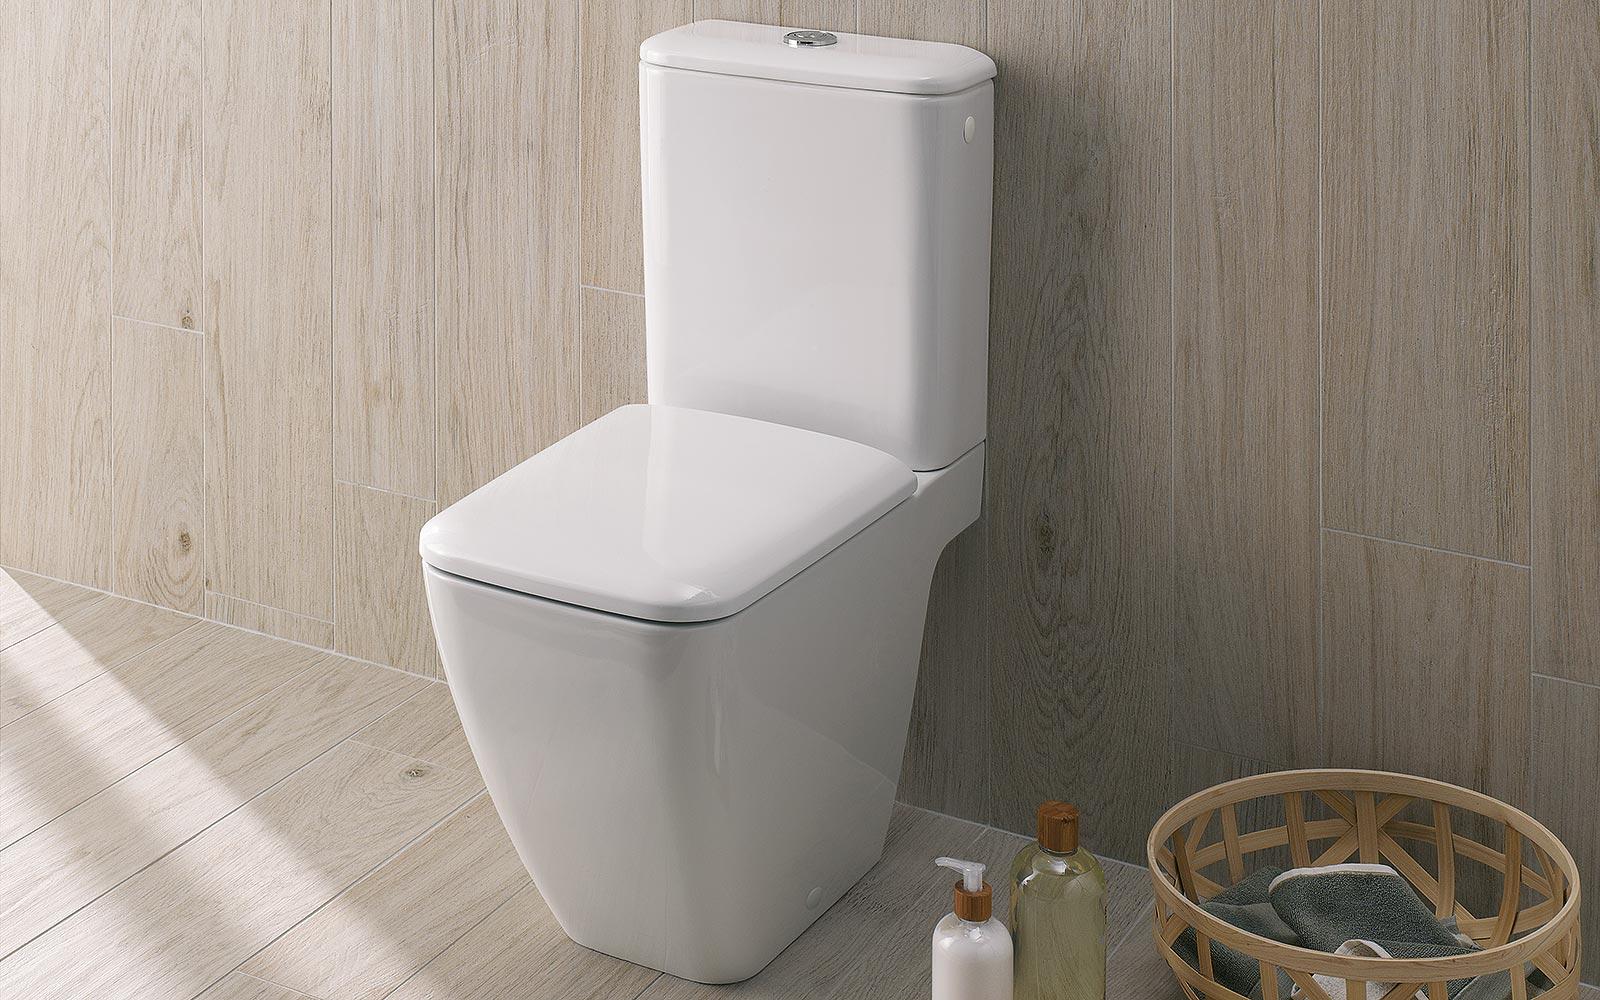 devis peinture wc toilettes paris entreprise de peinture paris. Black Bedroom Furniture Sets. Home Design Ideas